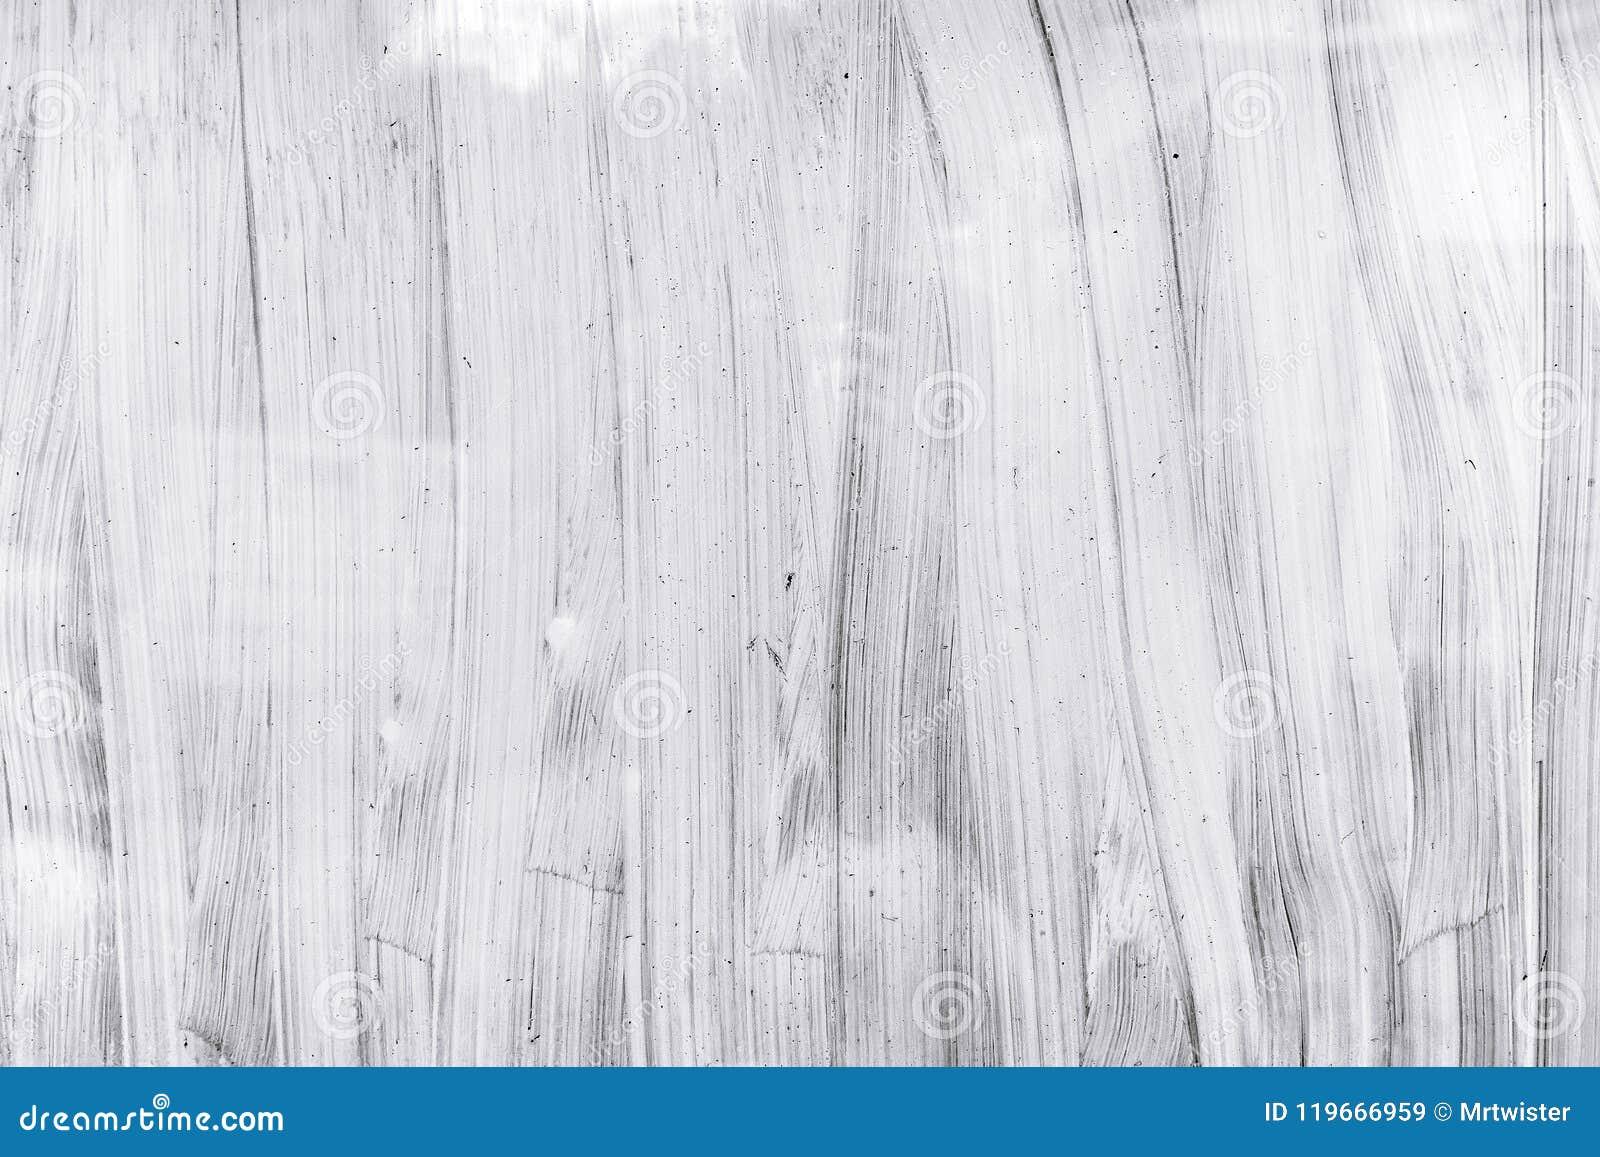 Superfície pintado à mão do vidro da janela da estufa com escova branca